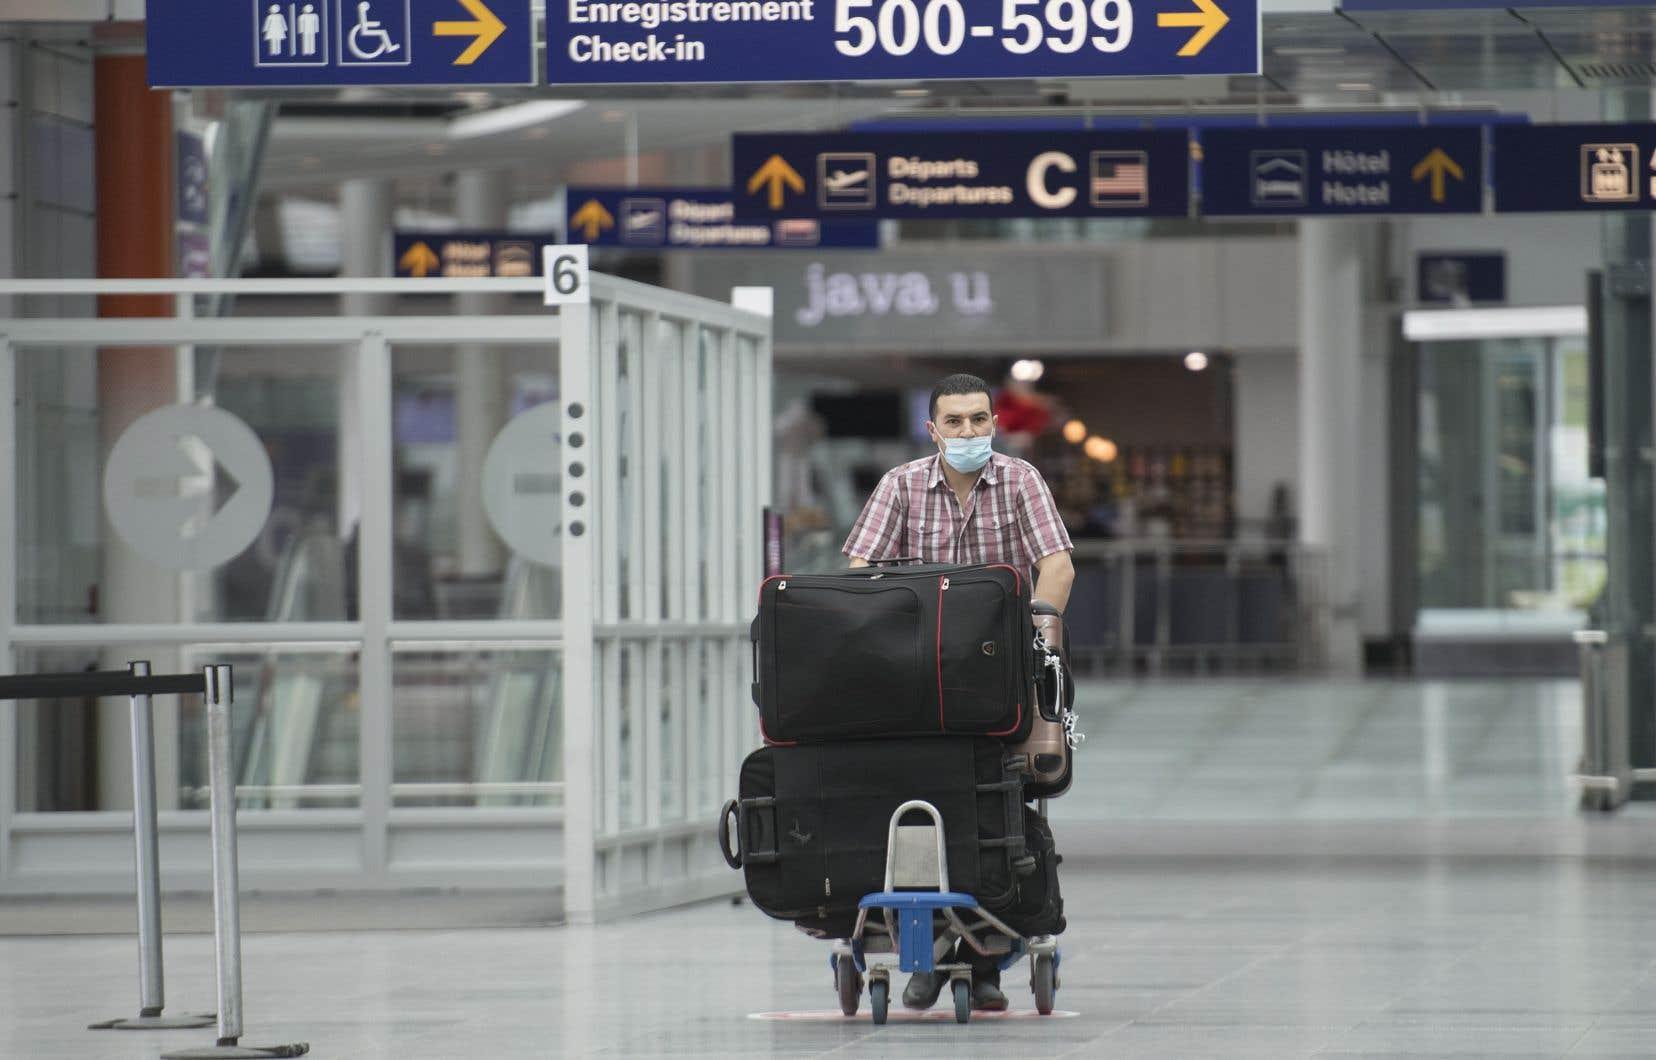 Pour entrer au pays, les voyageurs devront donc avoir reçu toutes les doses nécessaires d'un des vaccins homologués par Santé Canada